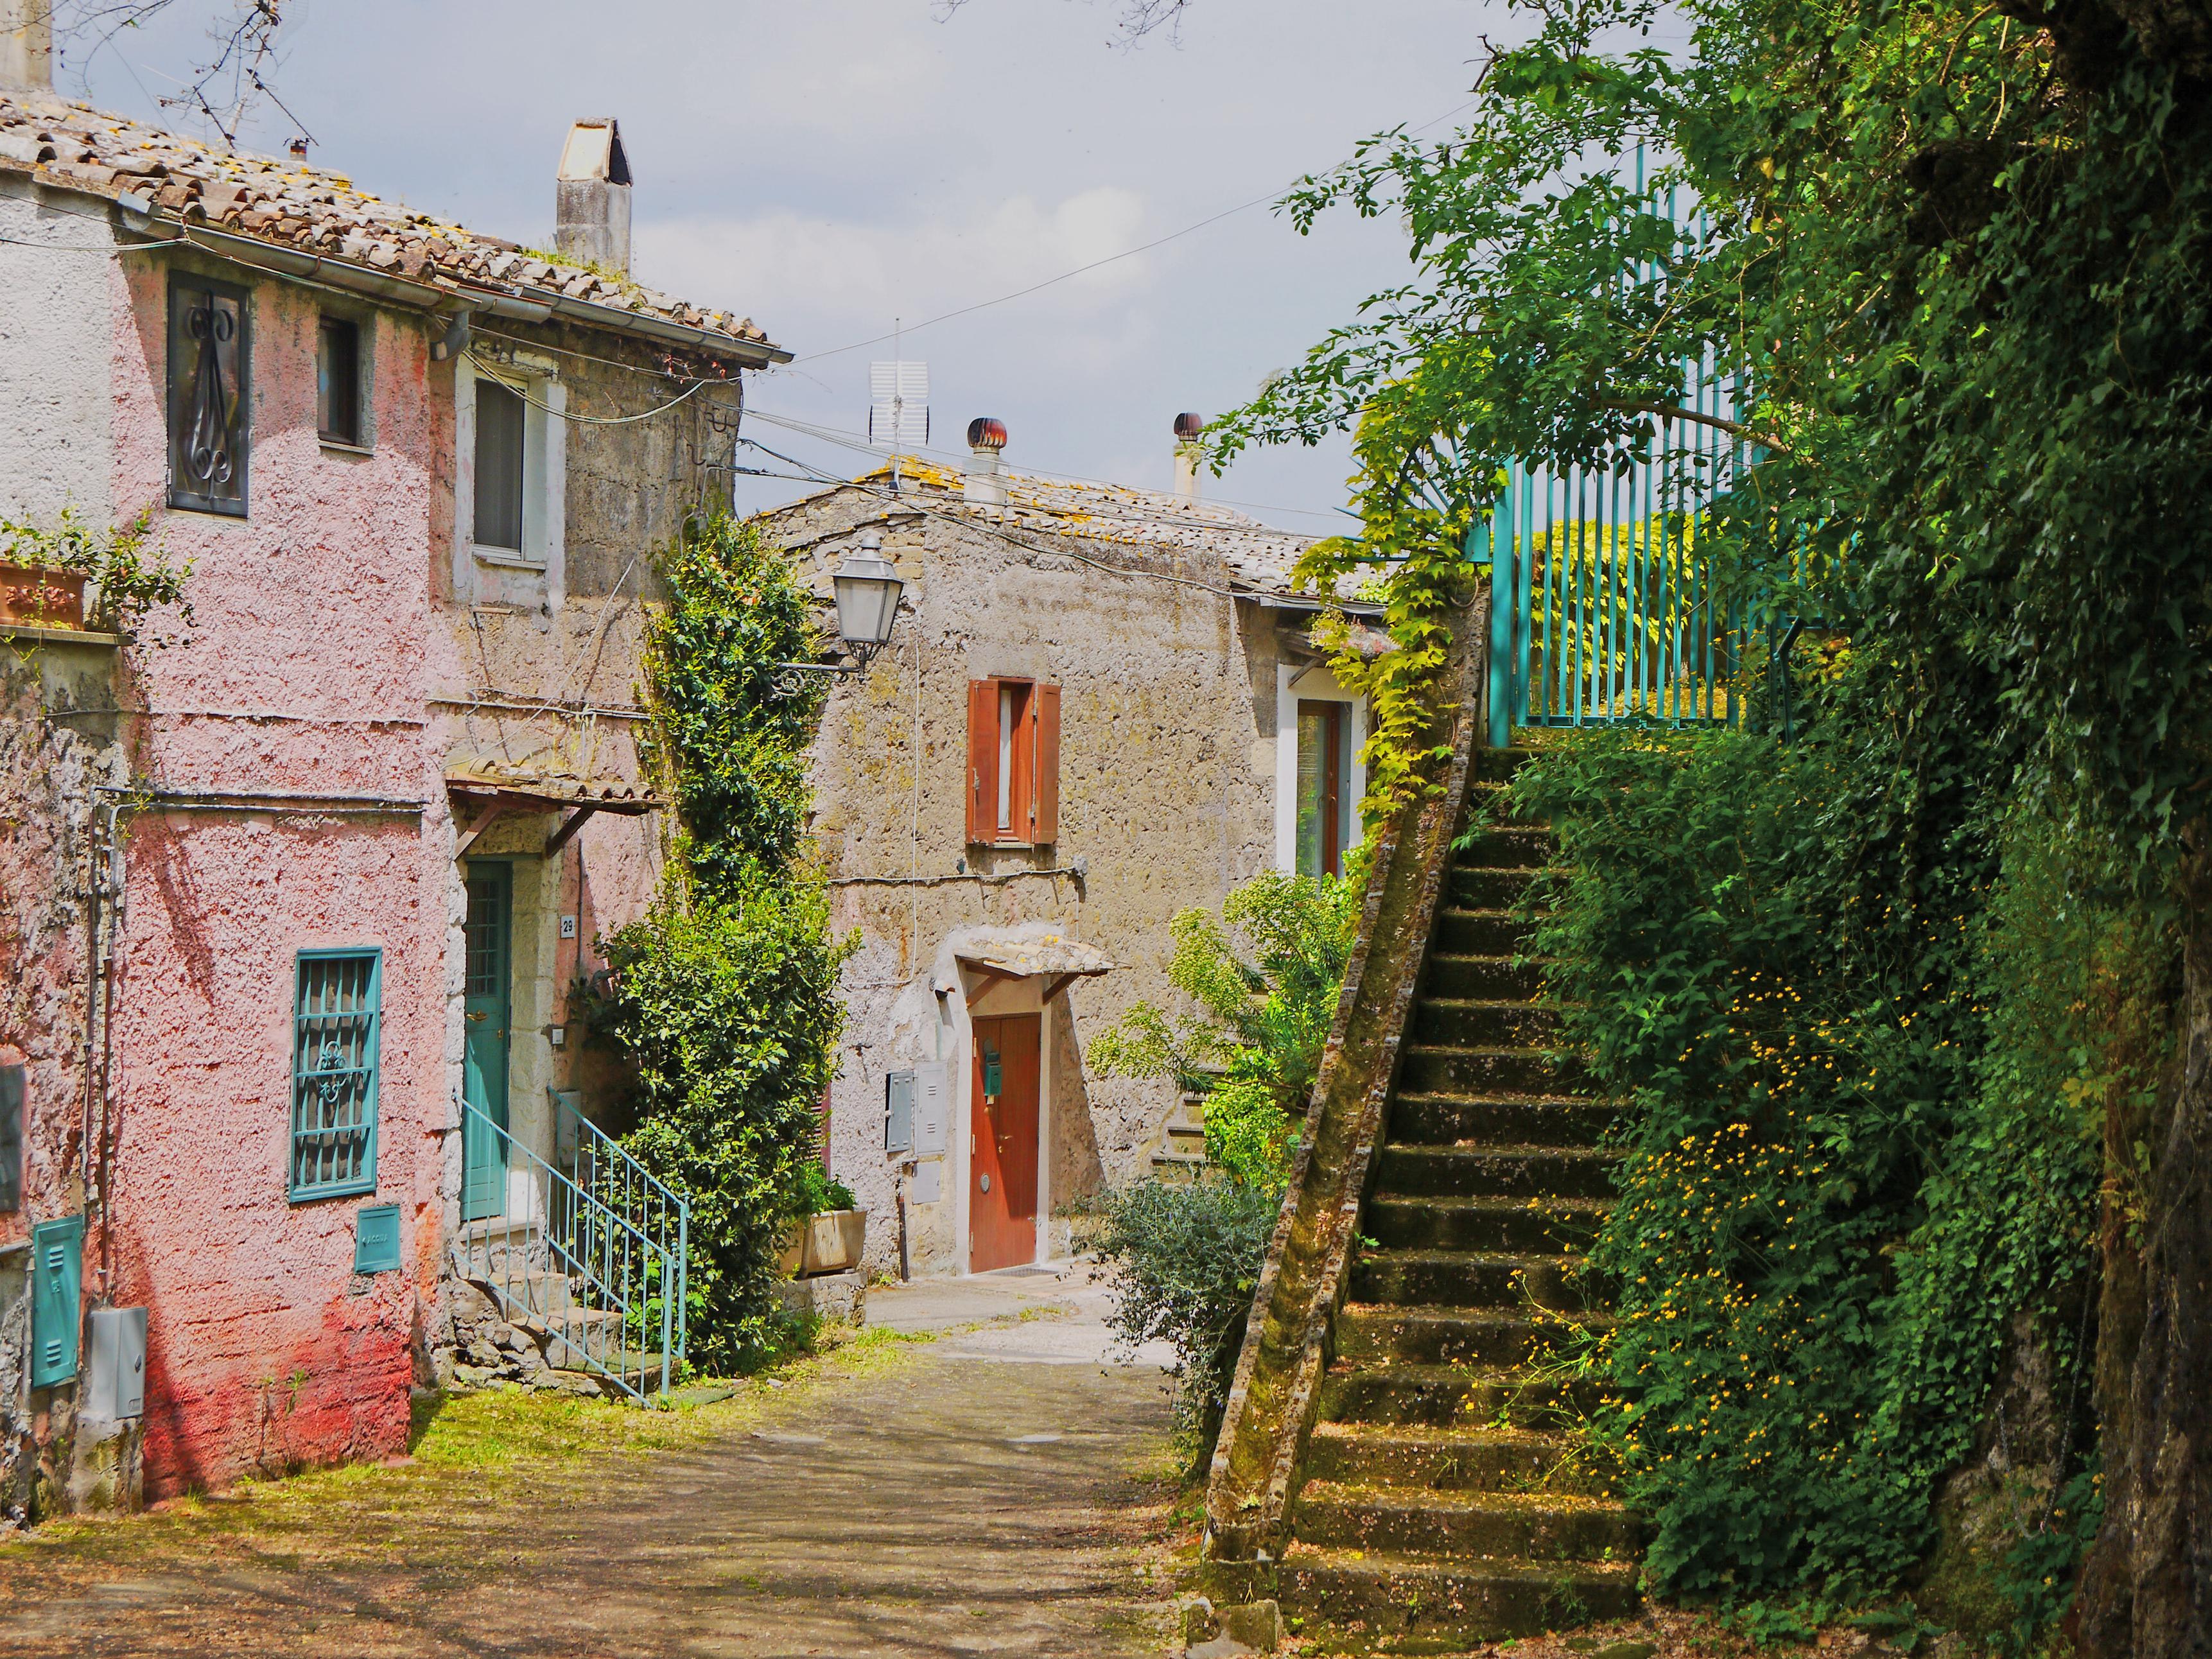 Hintergrundbilder : Fenster, Straße, Himmel, Mauer, Haus, Dorf ...